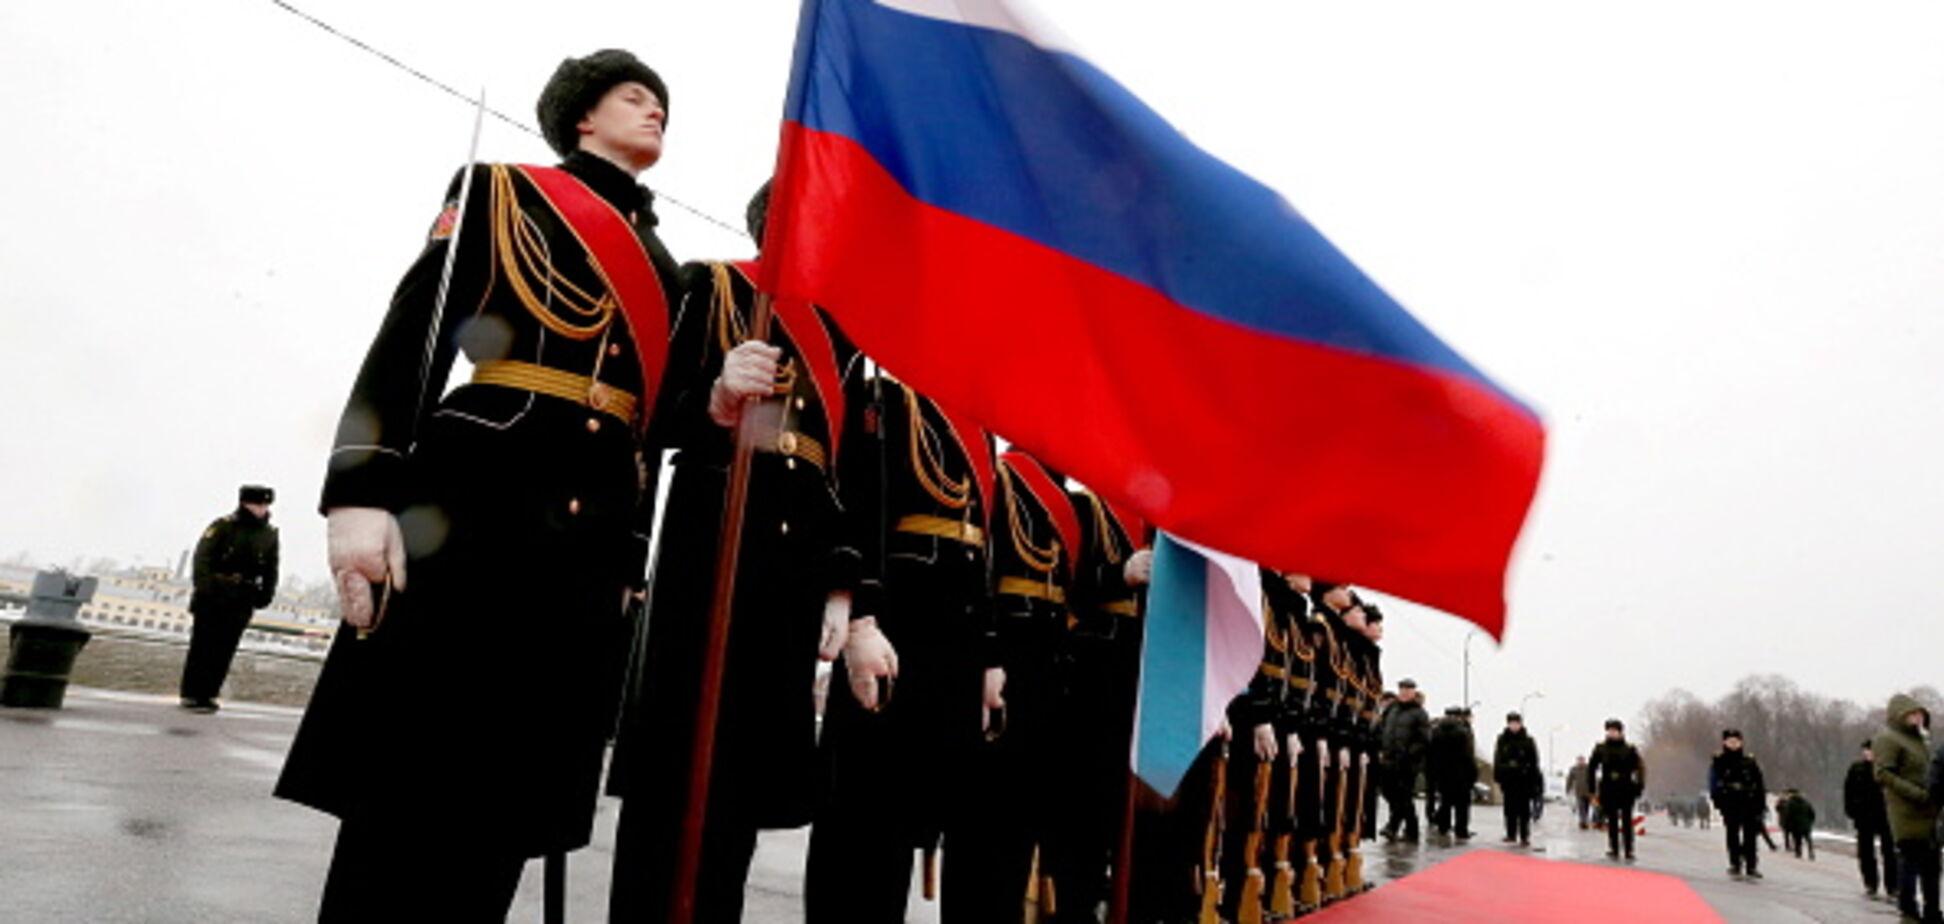 ИГИЛ заявил об успешной 'зачистке' российских солдат: Москва ответила